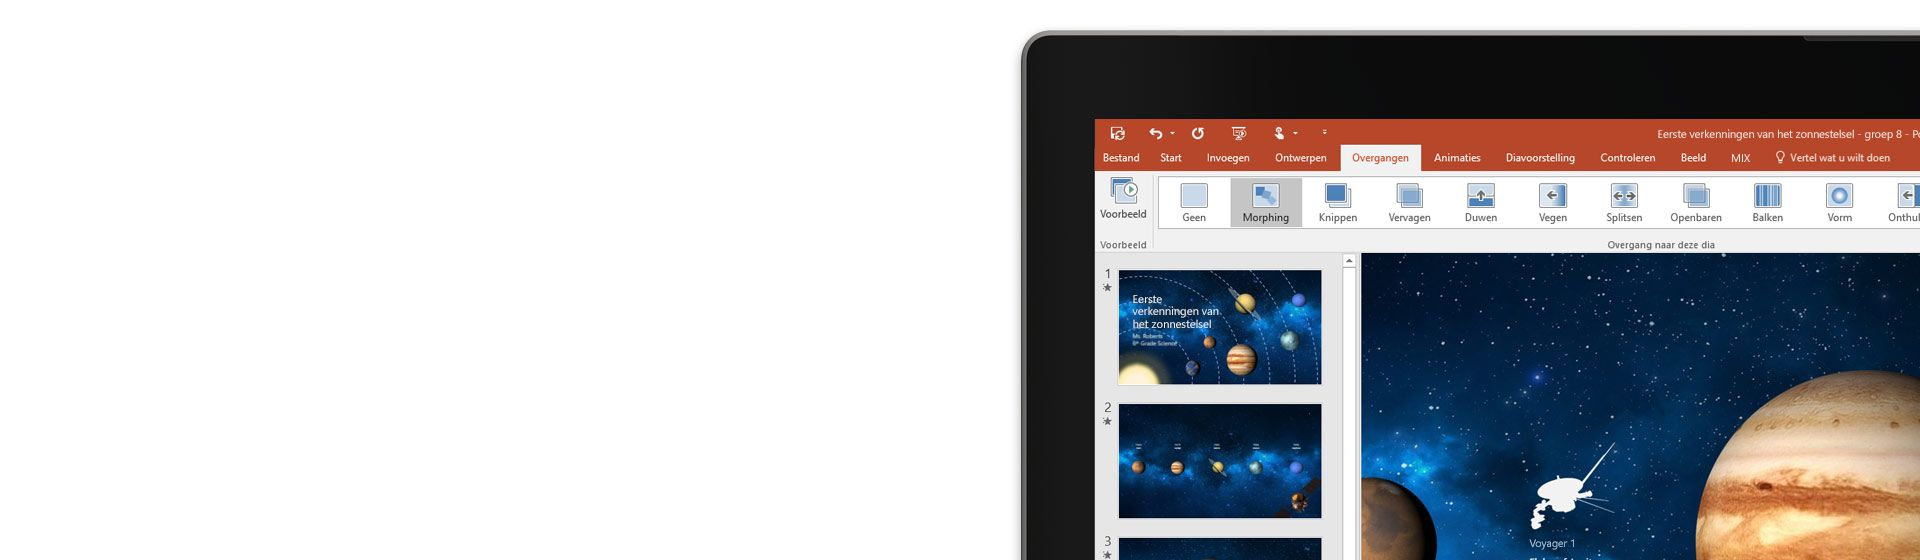 Een tablet waarop de functie Morphing in een PowerPoint-presentatiedia is weergegeven.